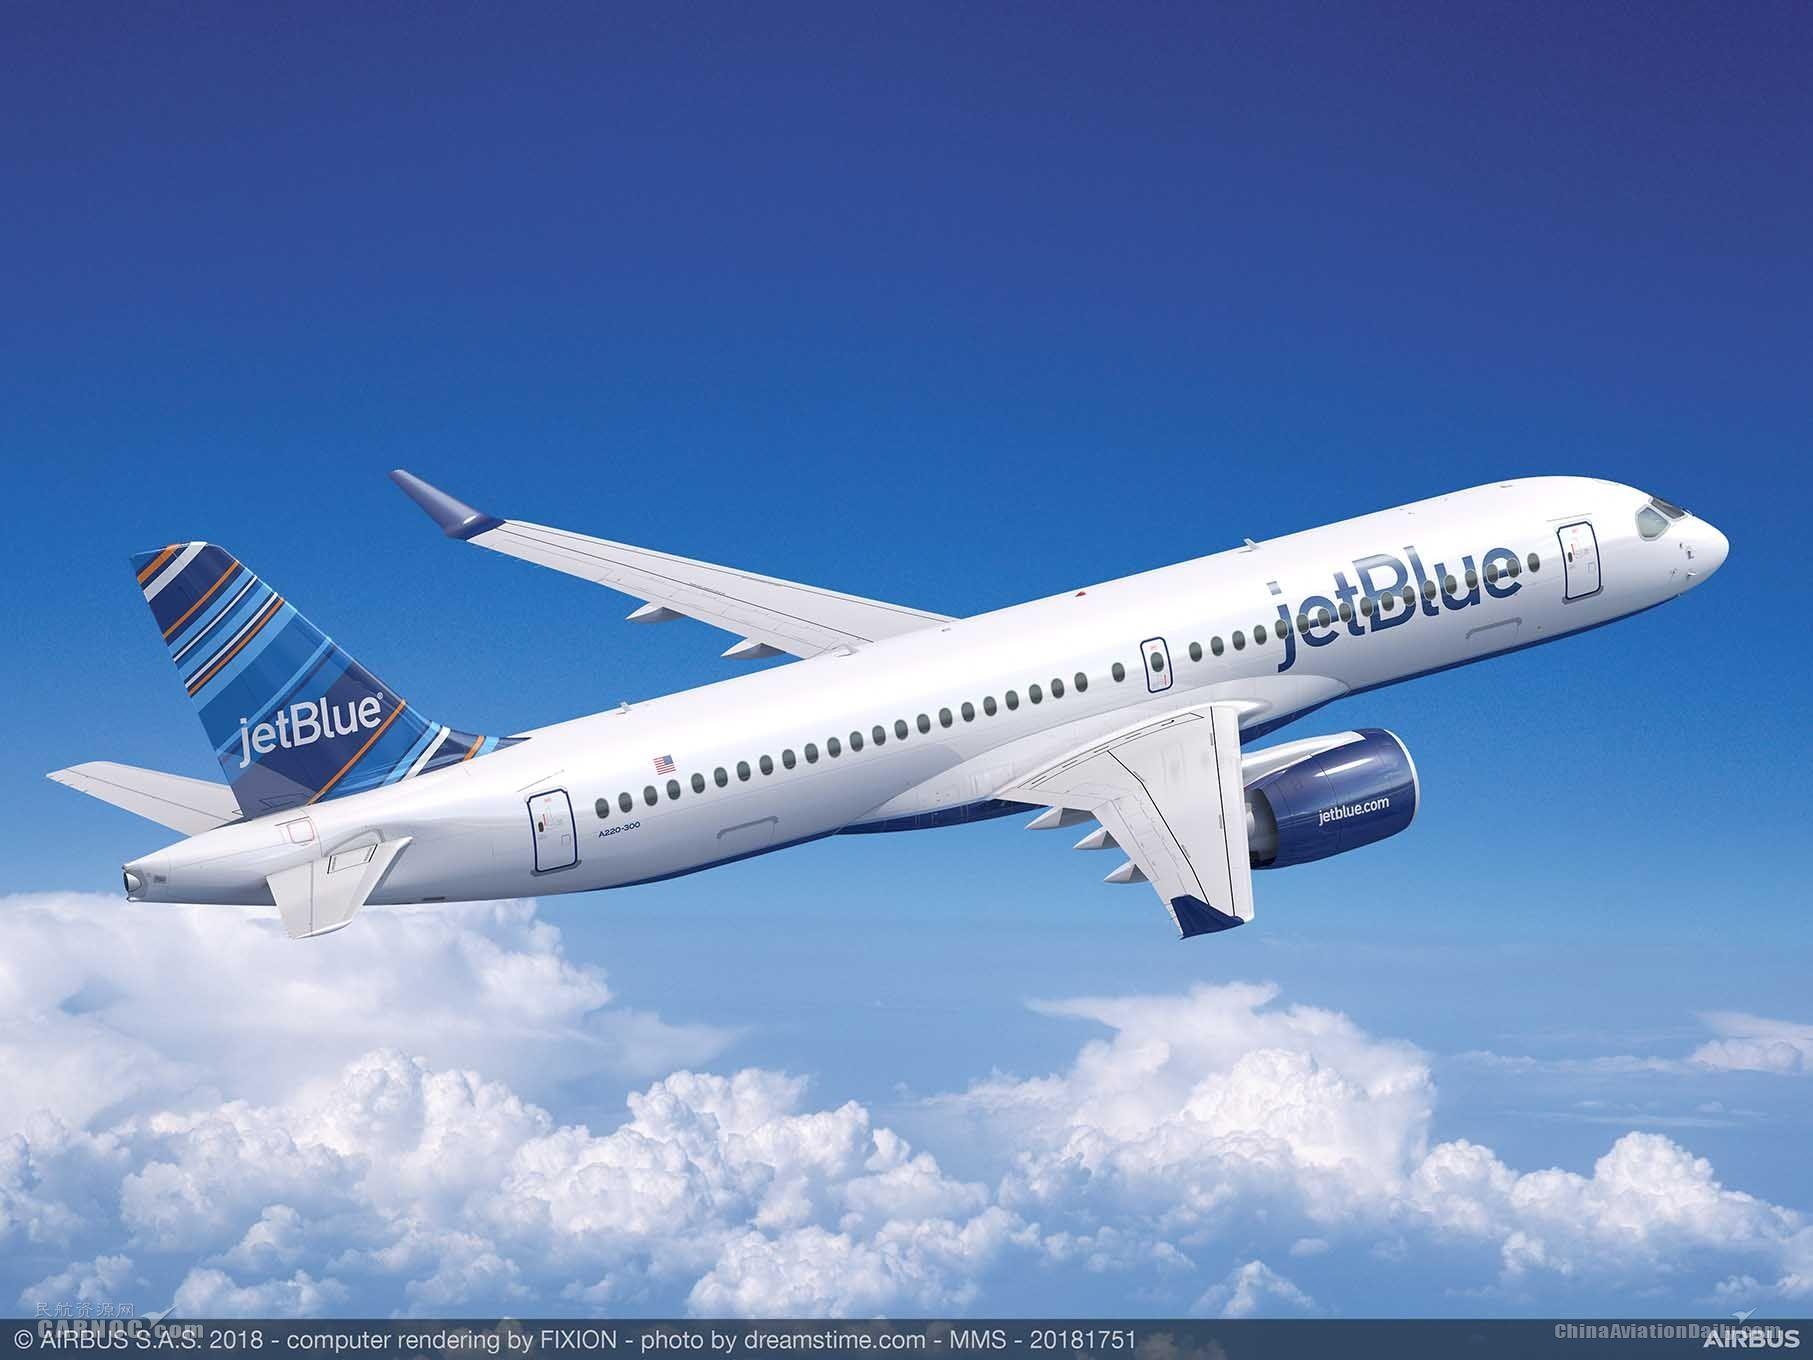 美国捷蓝航空宣布订购60架空客A220-300飞机